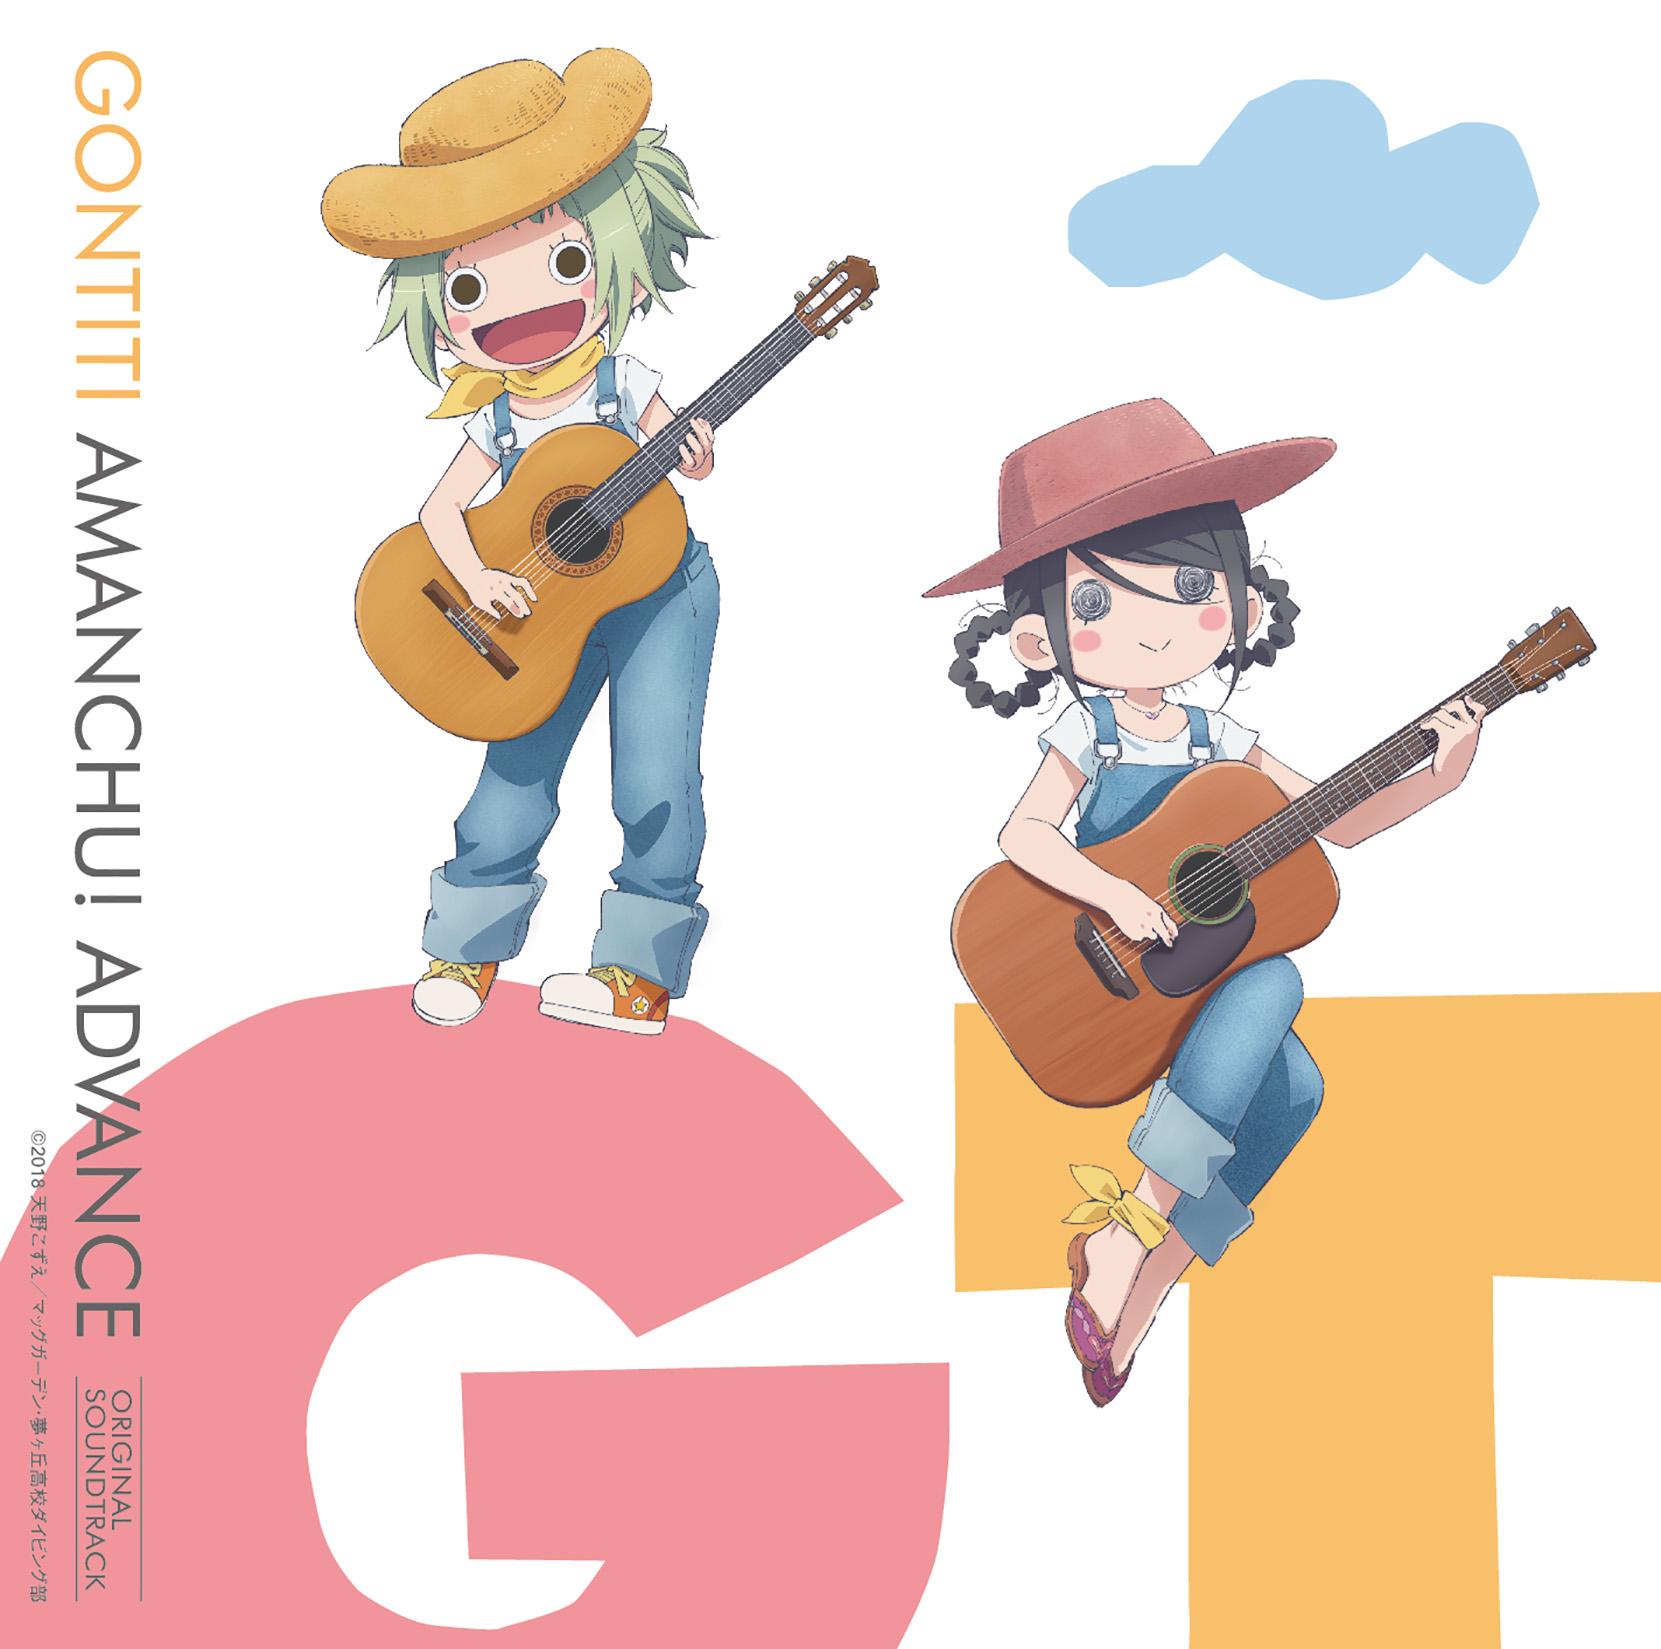 TVアニメーション「あまんちゅ!〜あどばんす〜」オリジナルサウンドトラック